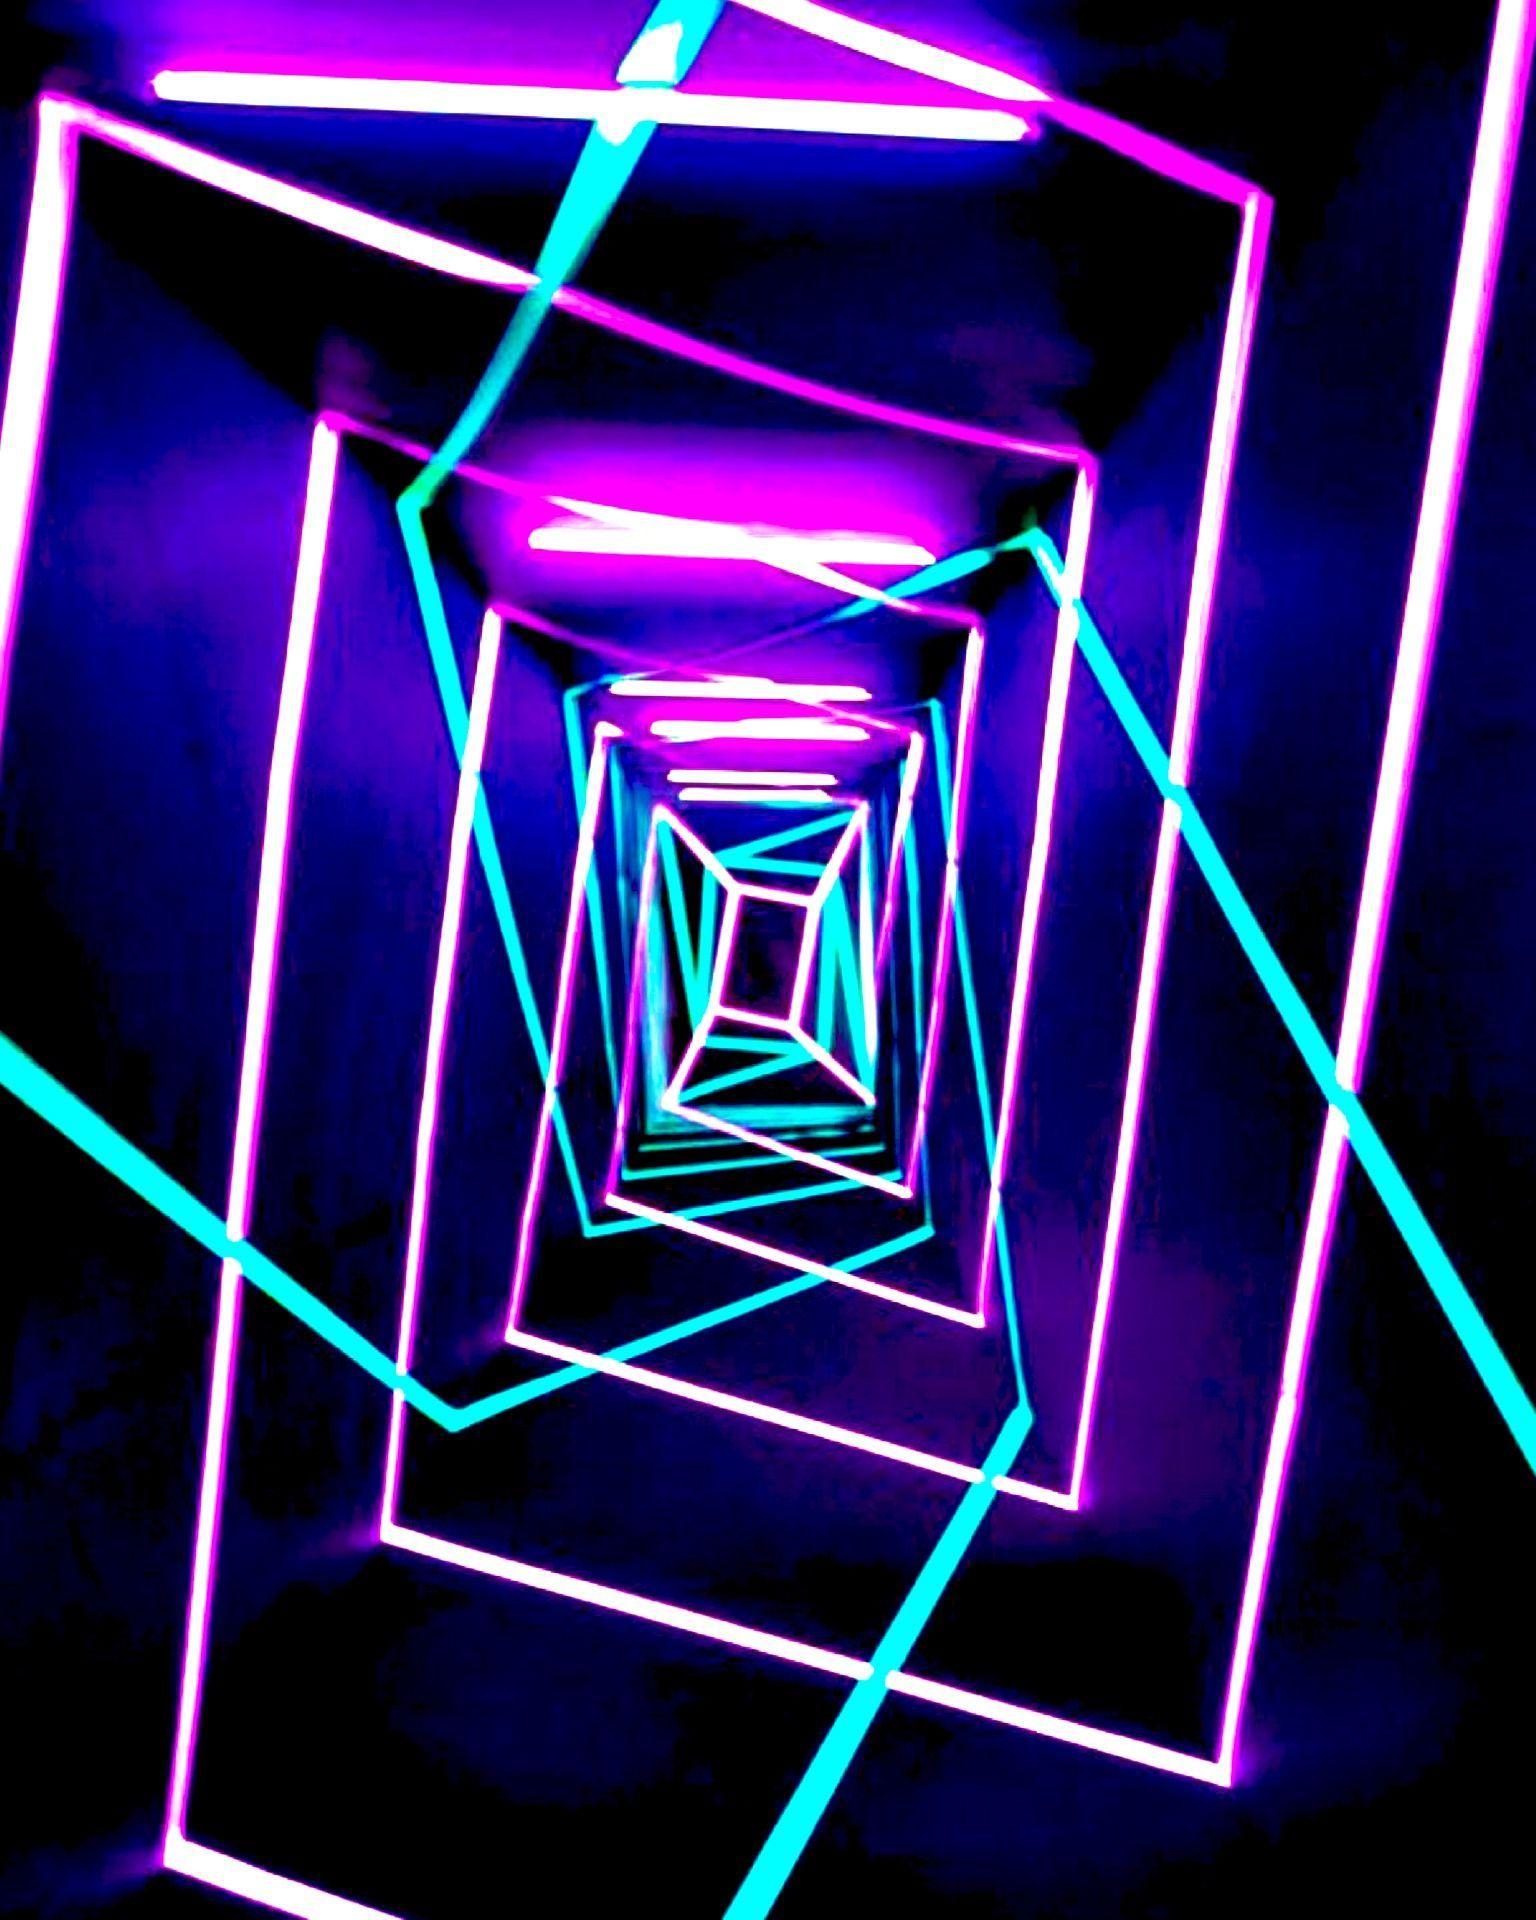 Neon Tunnel (2017) by Kitsch Nitsch. Neon Tunnel is an art.